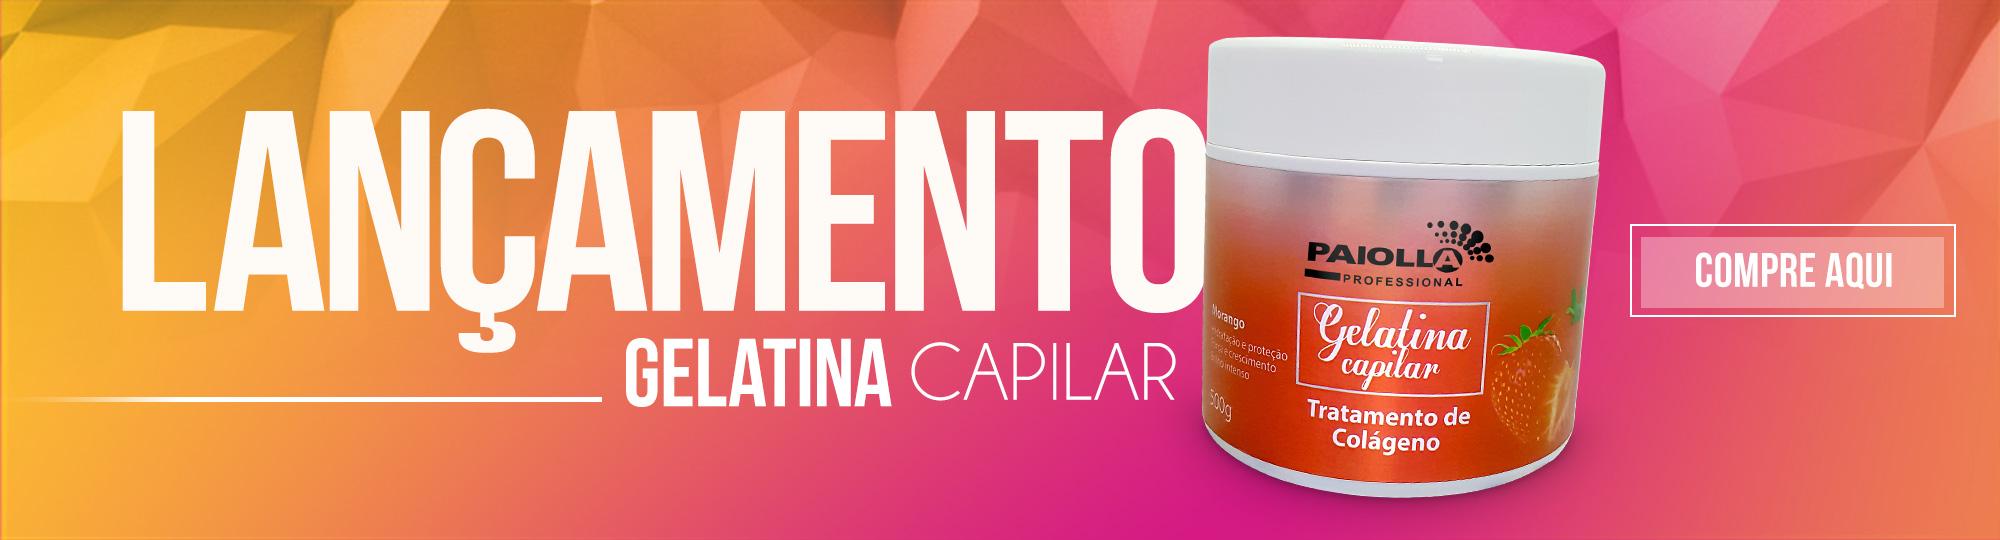 Gelatina Capilar - Tratamento de Colágeno